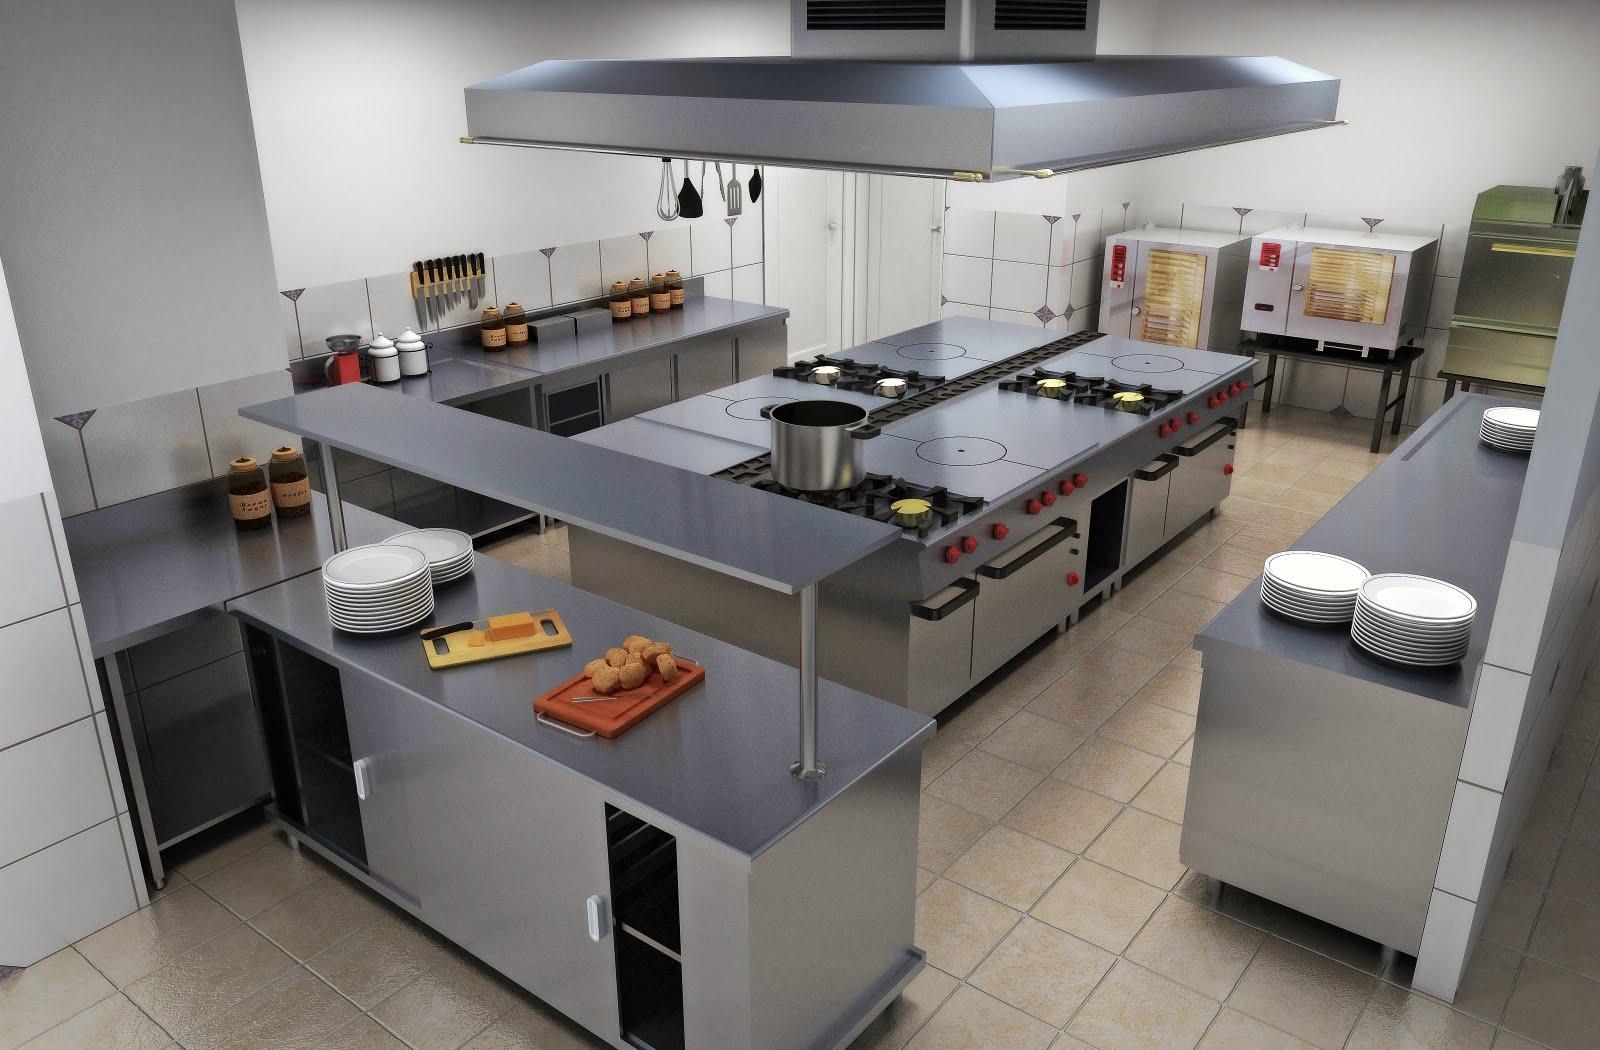 Comedor » Comedores 3d Max - Decoración de interiores y diseño de ...